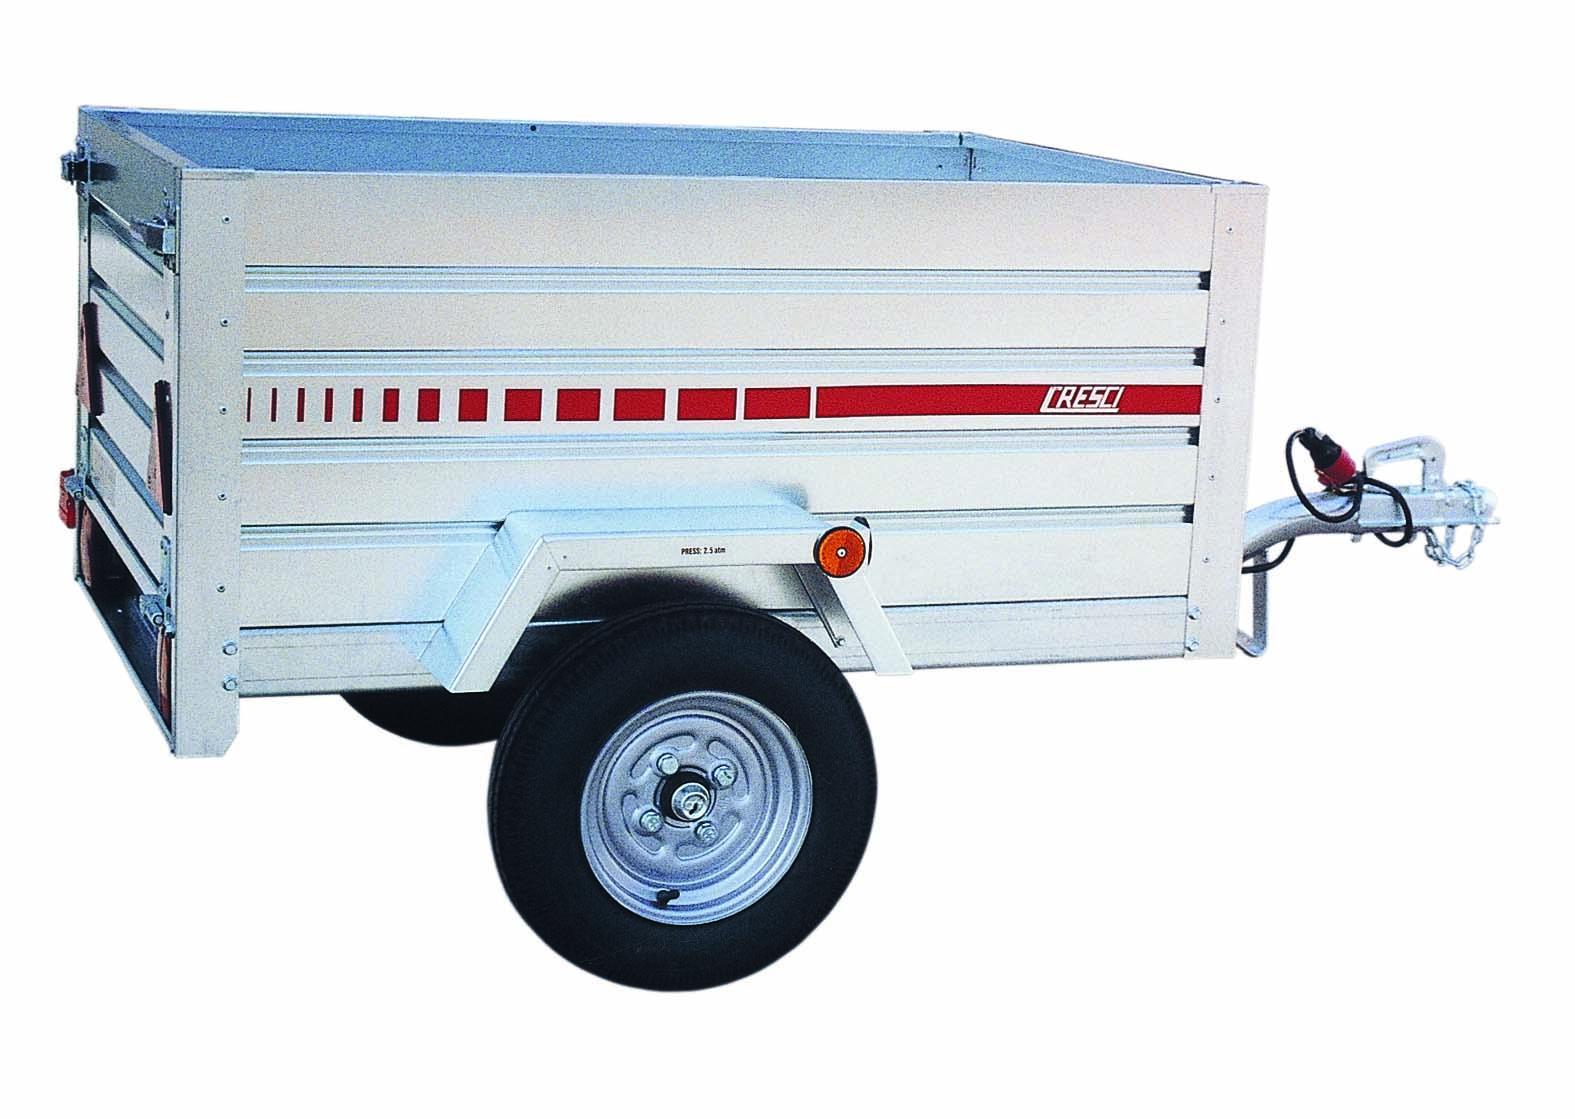 Rimorchi trasporto cose cresci rimorchi srl autos post for Rimorchi agricoli usati piemonte